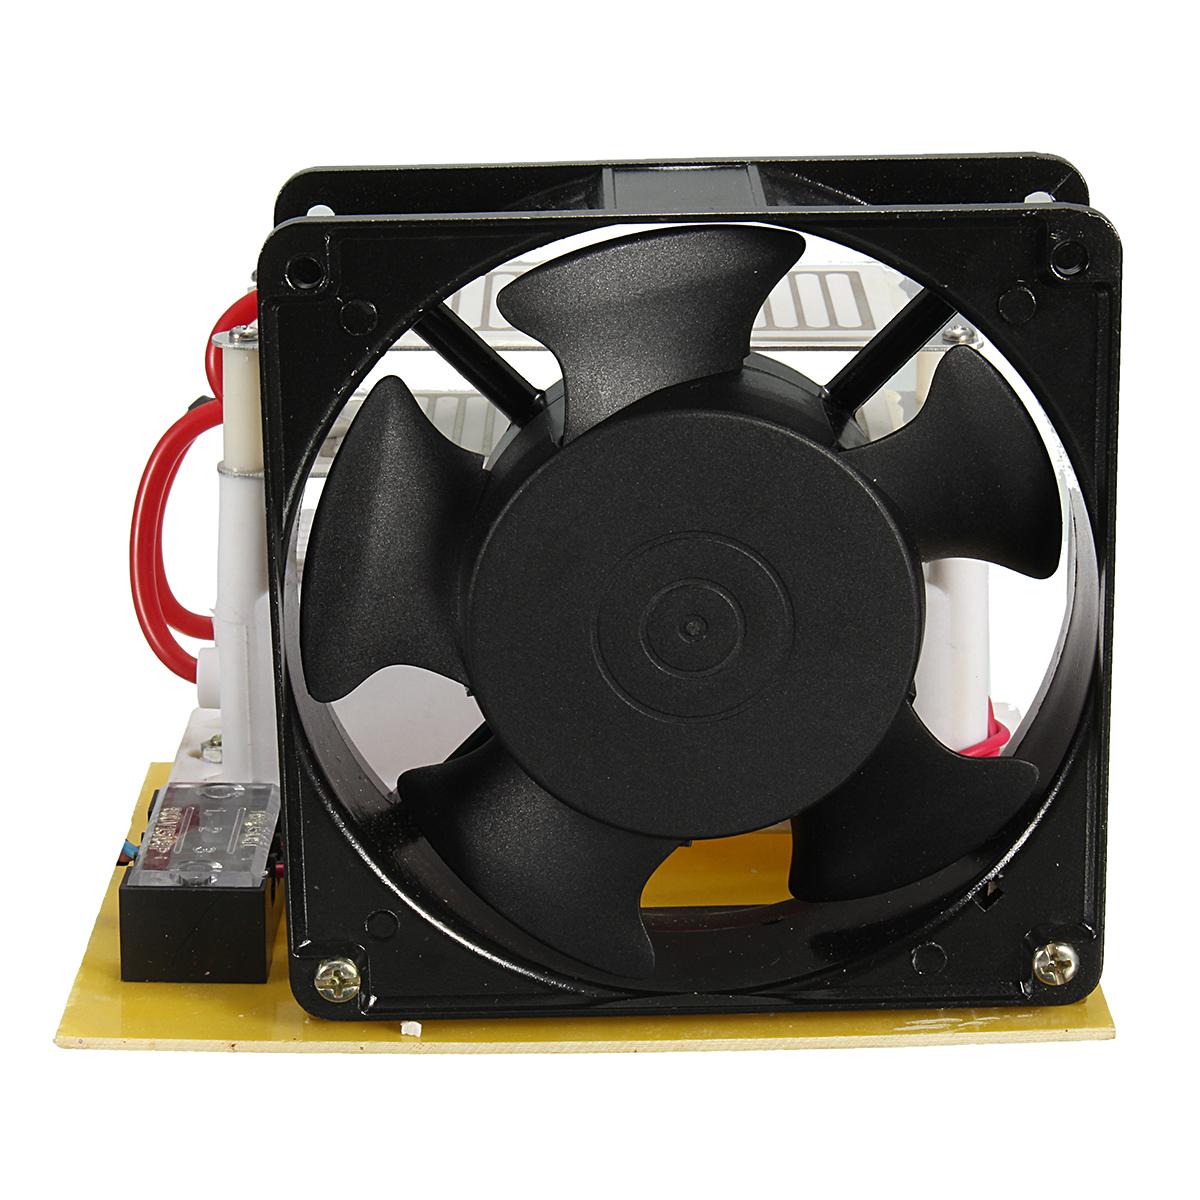 220V 10g/H Ozone Generator Ceramic Plate Sterilizer Fan Air Purifier Machine